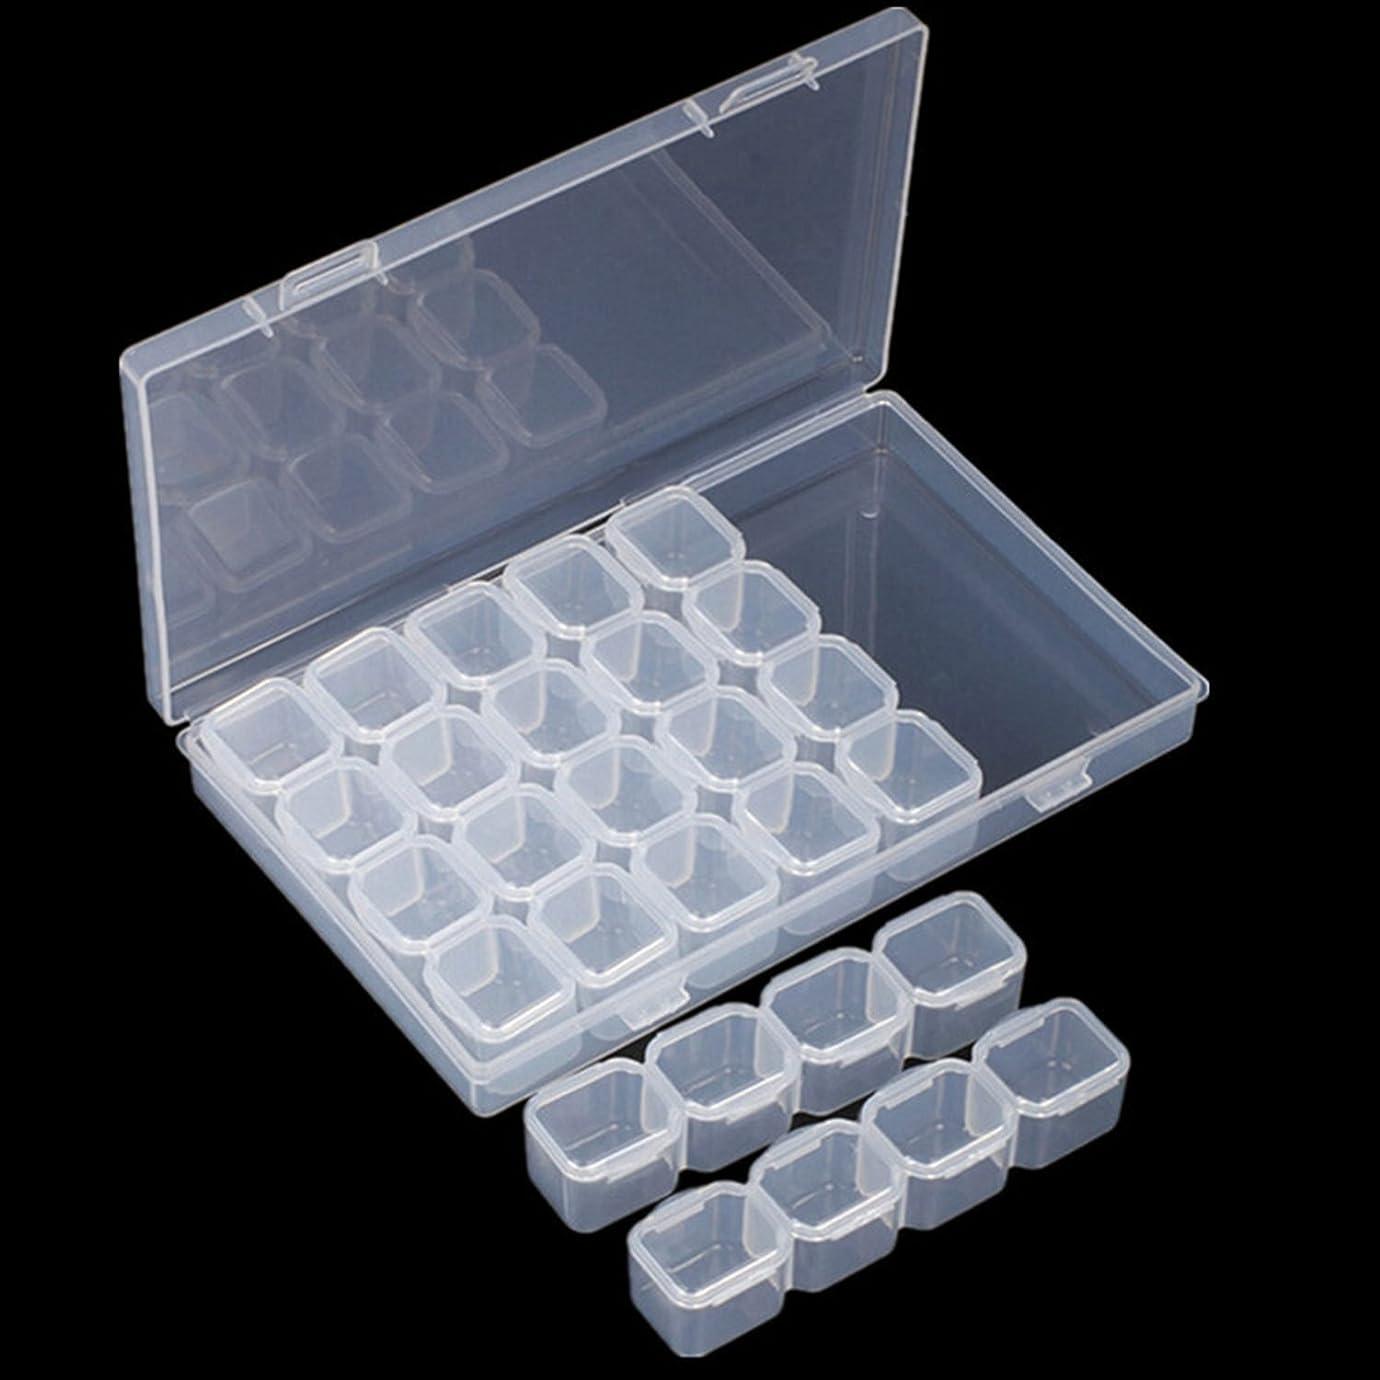 政治的しわのホストXigeapg ネイル28ラティスジュエリーボックス組み立てることができる解体ボックスネイル装飾ガジェット合金ダイヤモンドの装飾品のボックス